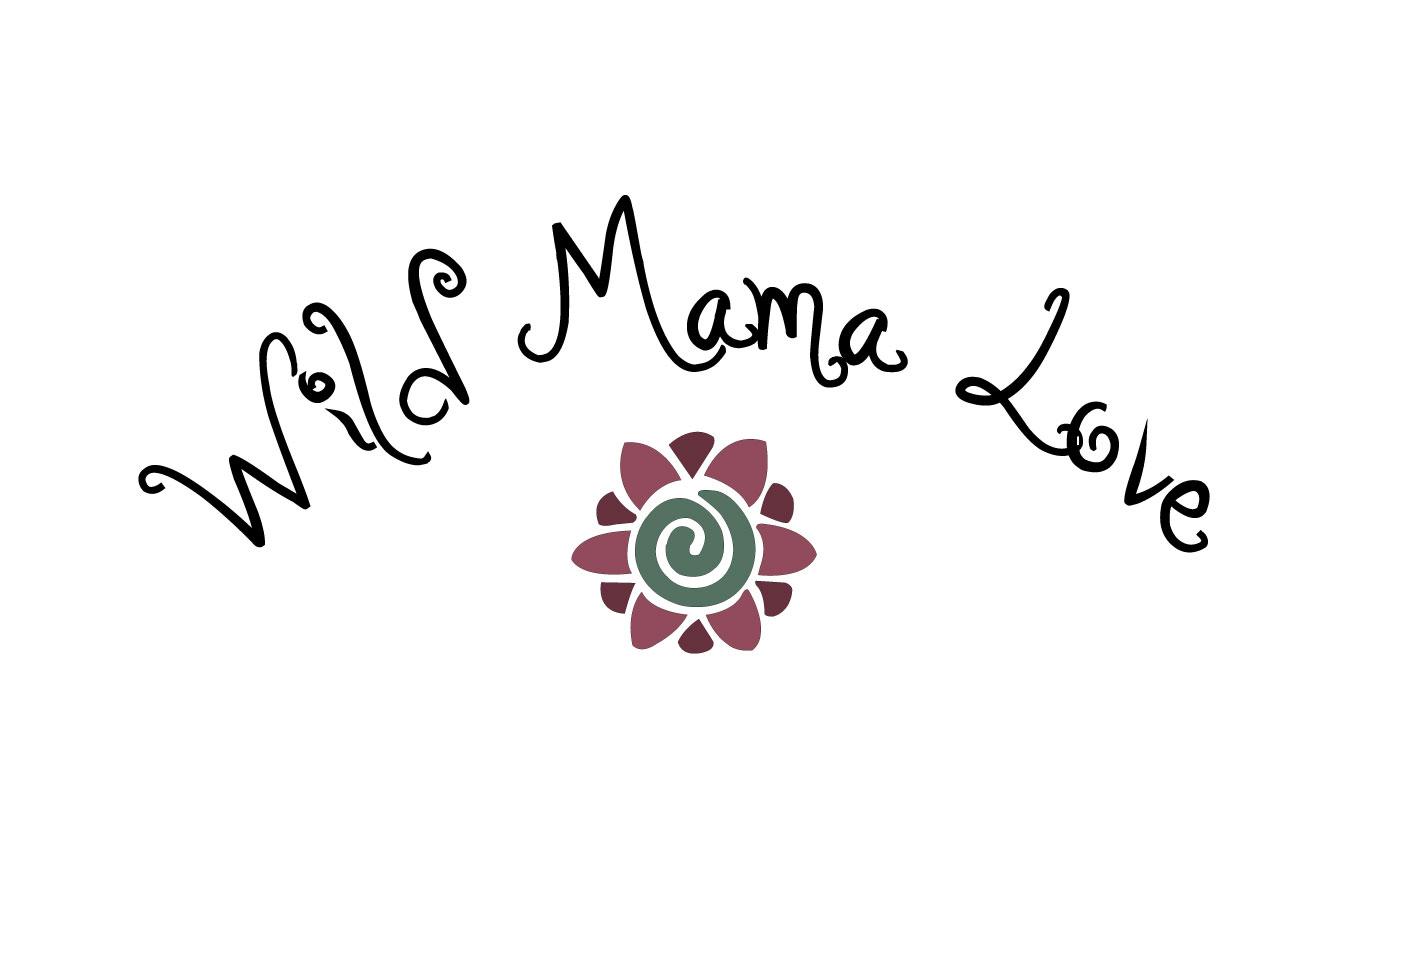 WildMamaLove1.jpg